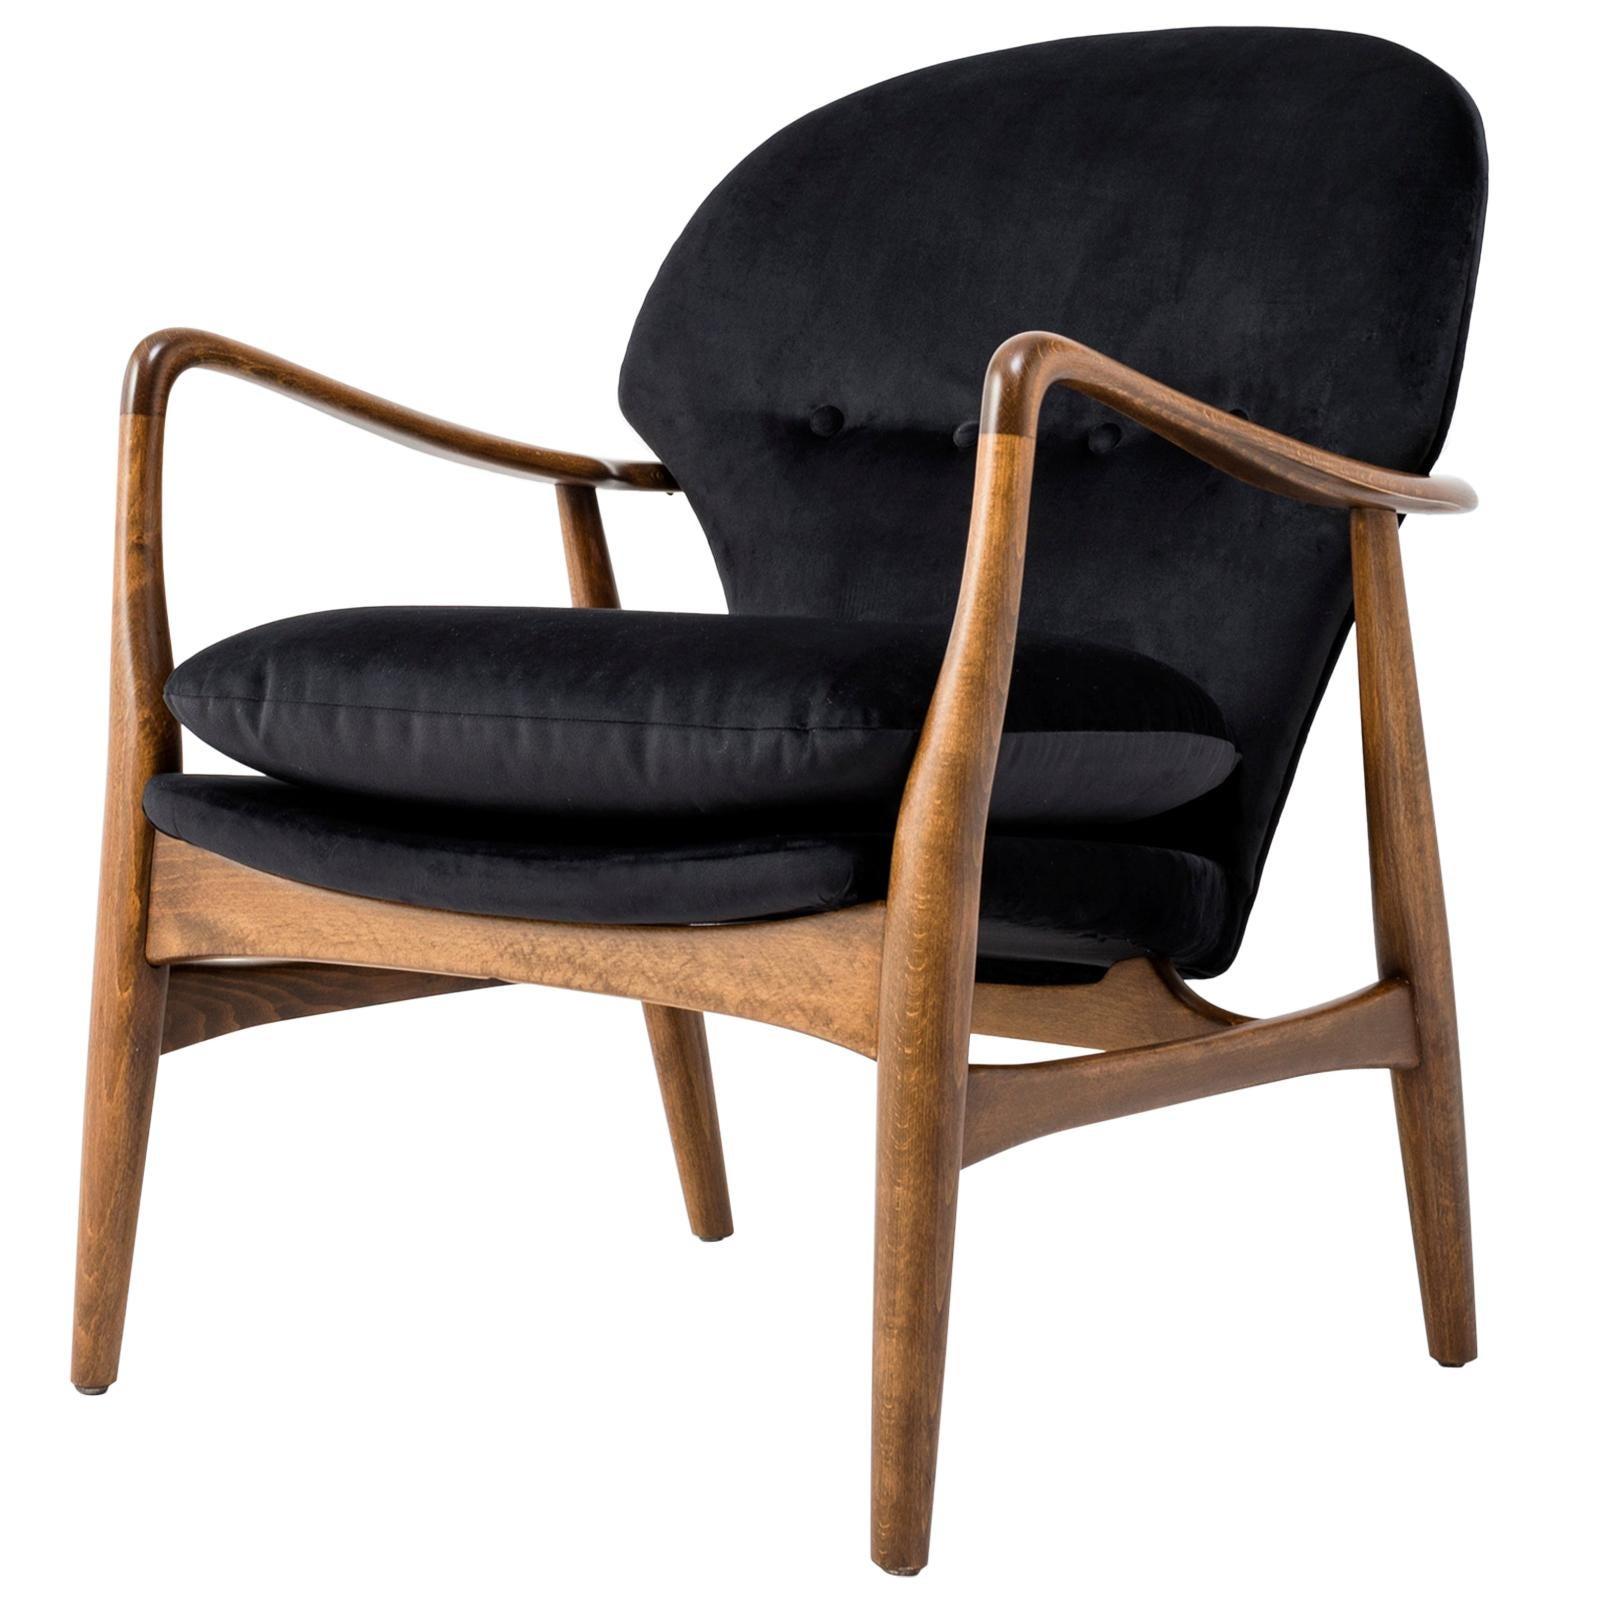 Midcentury Scandinavian Armchair - 1950s